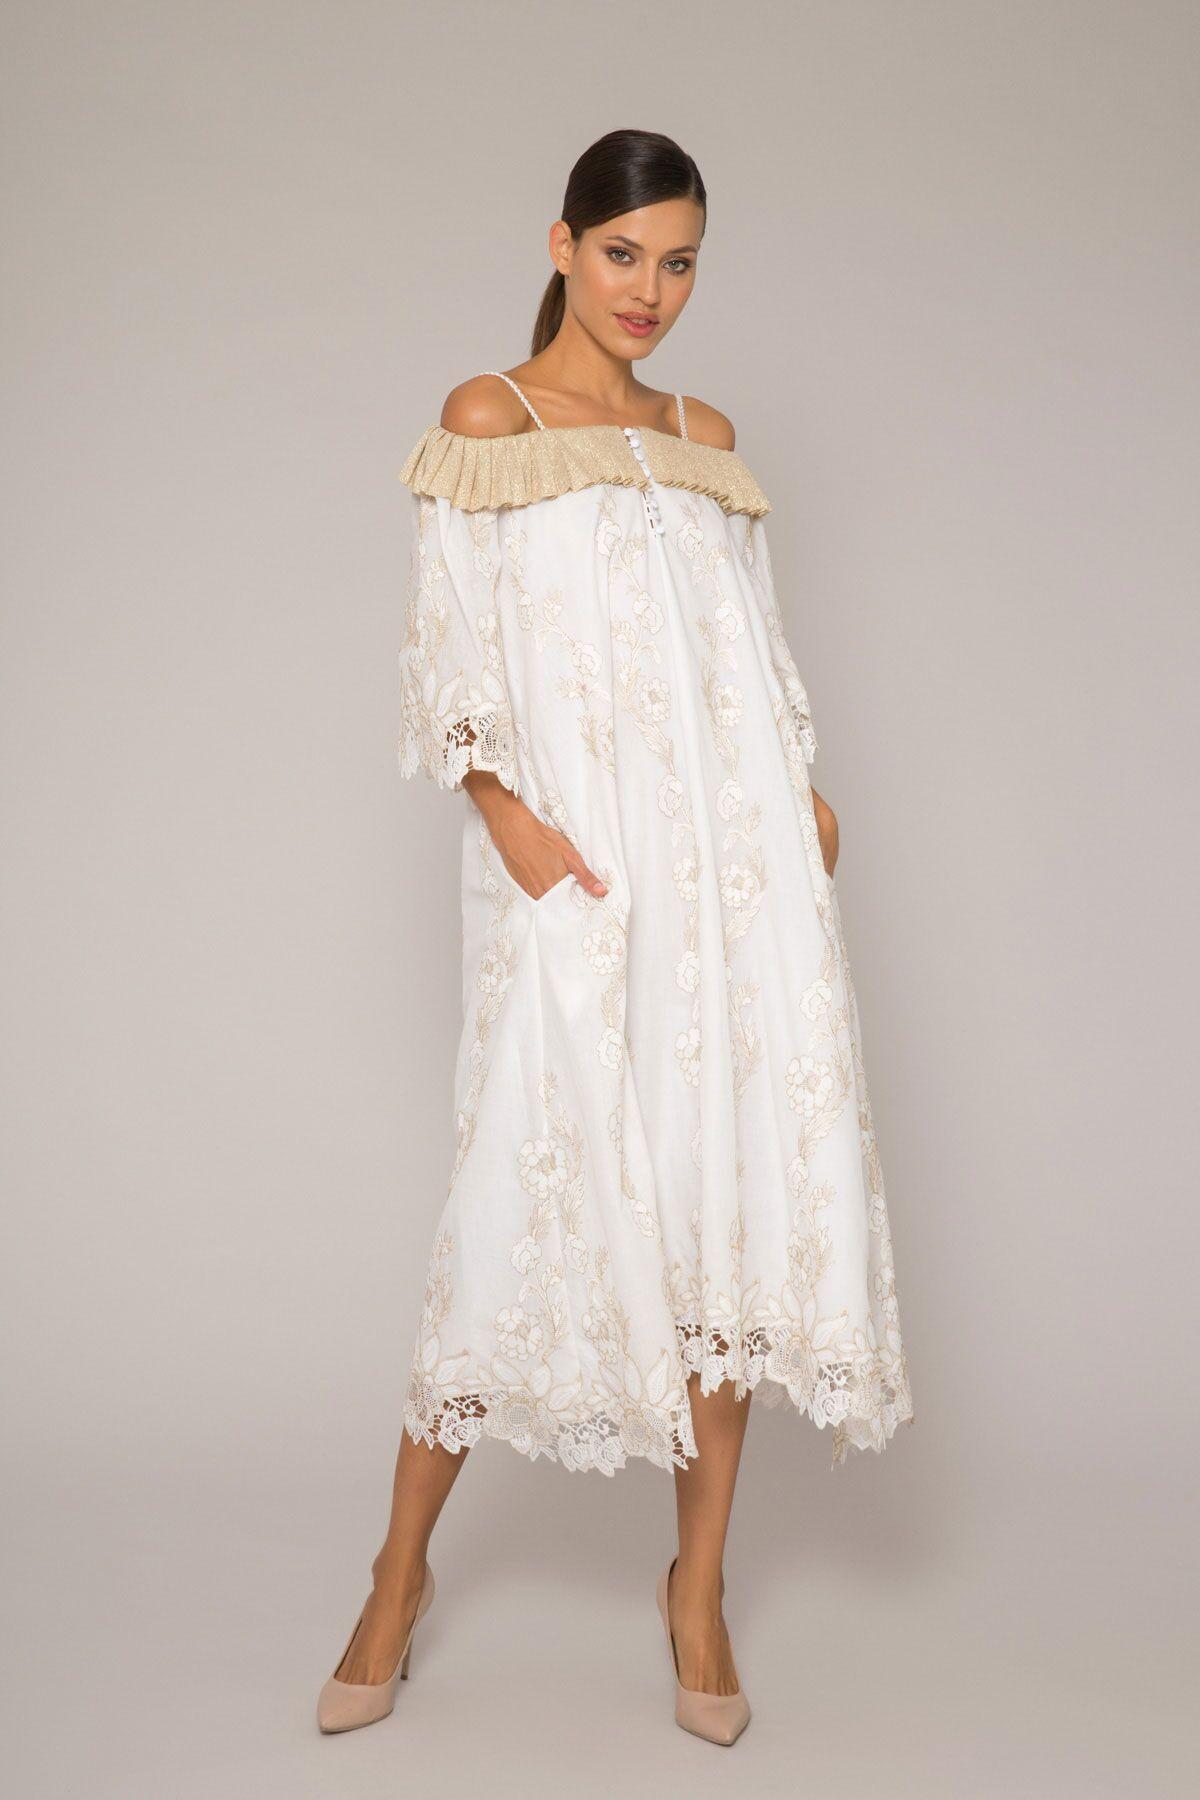 Triko Detaylı Nakış İşlemeli Elbise